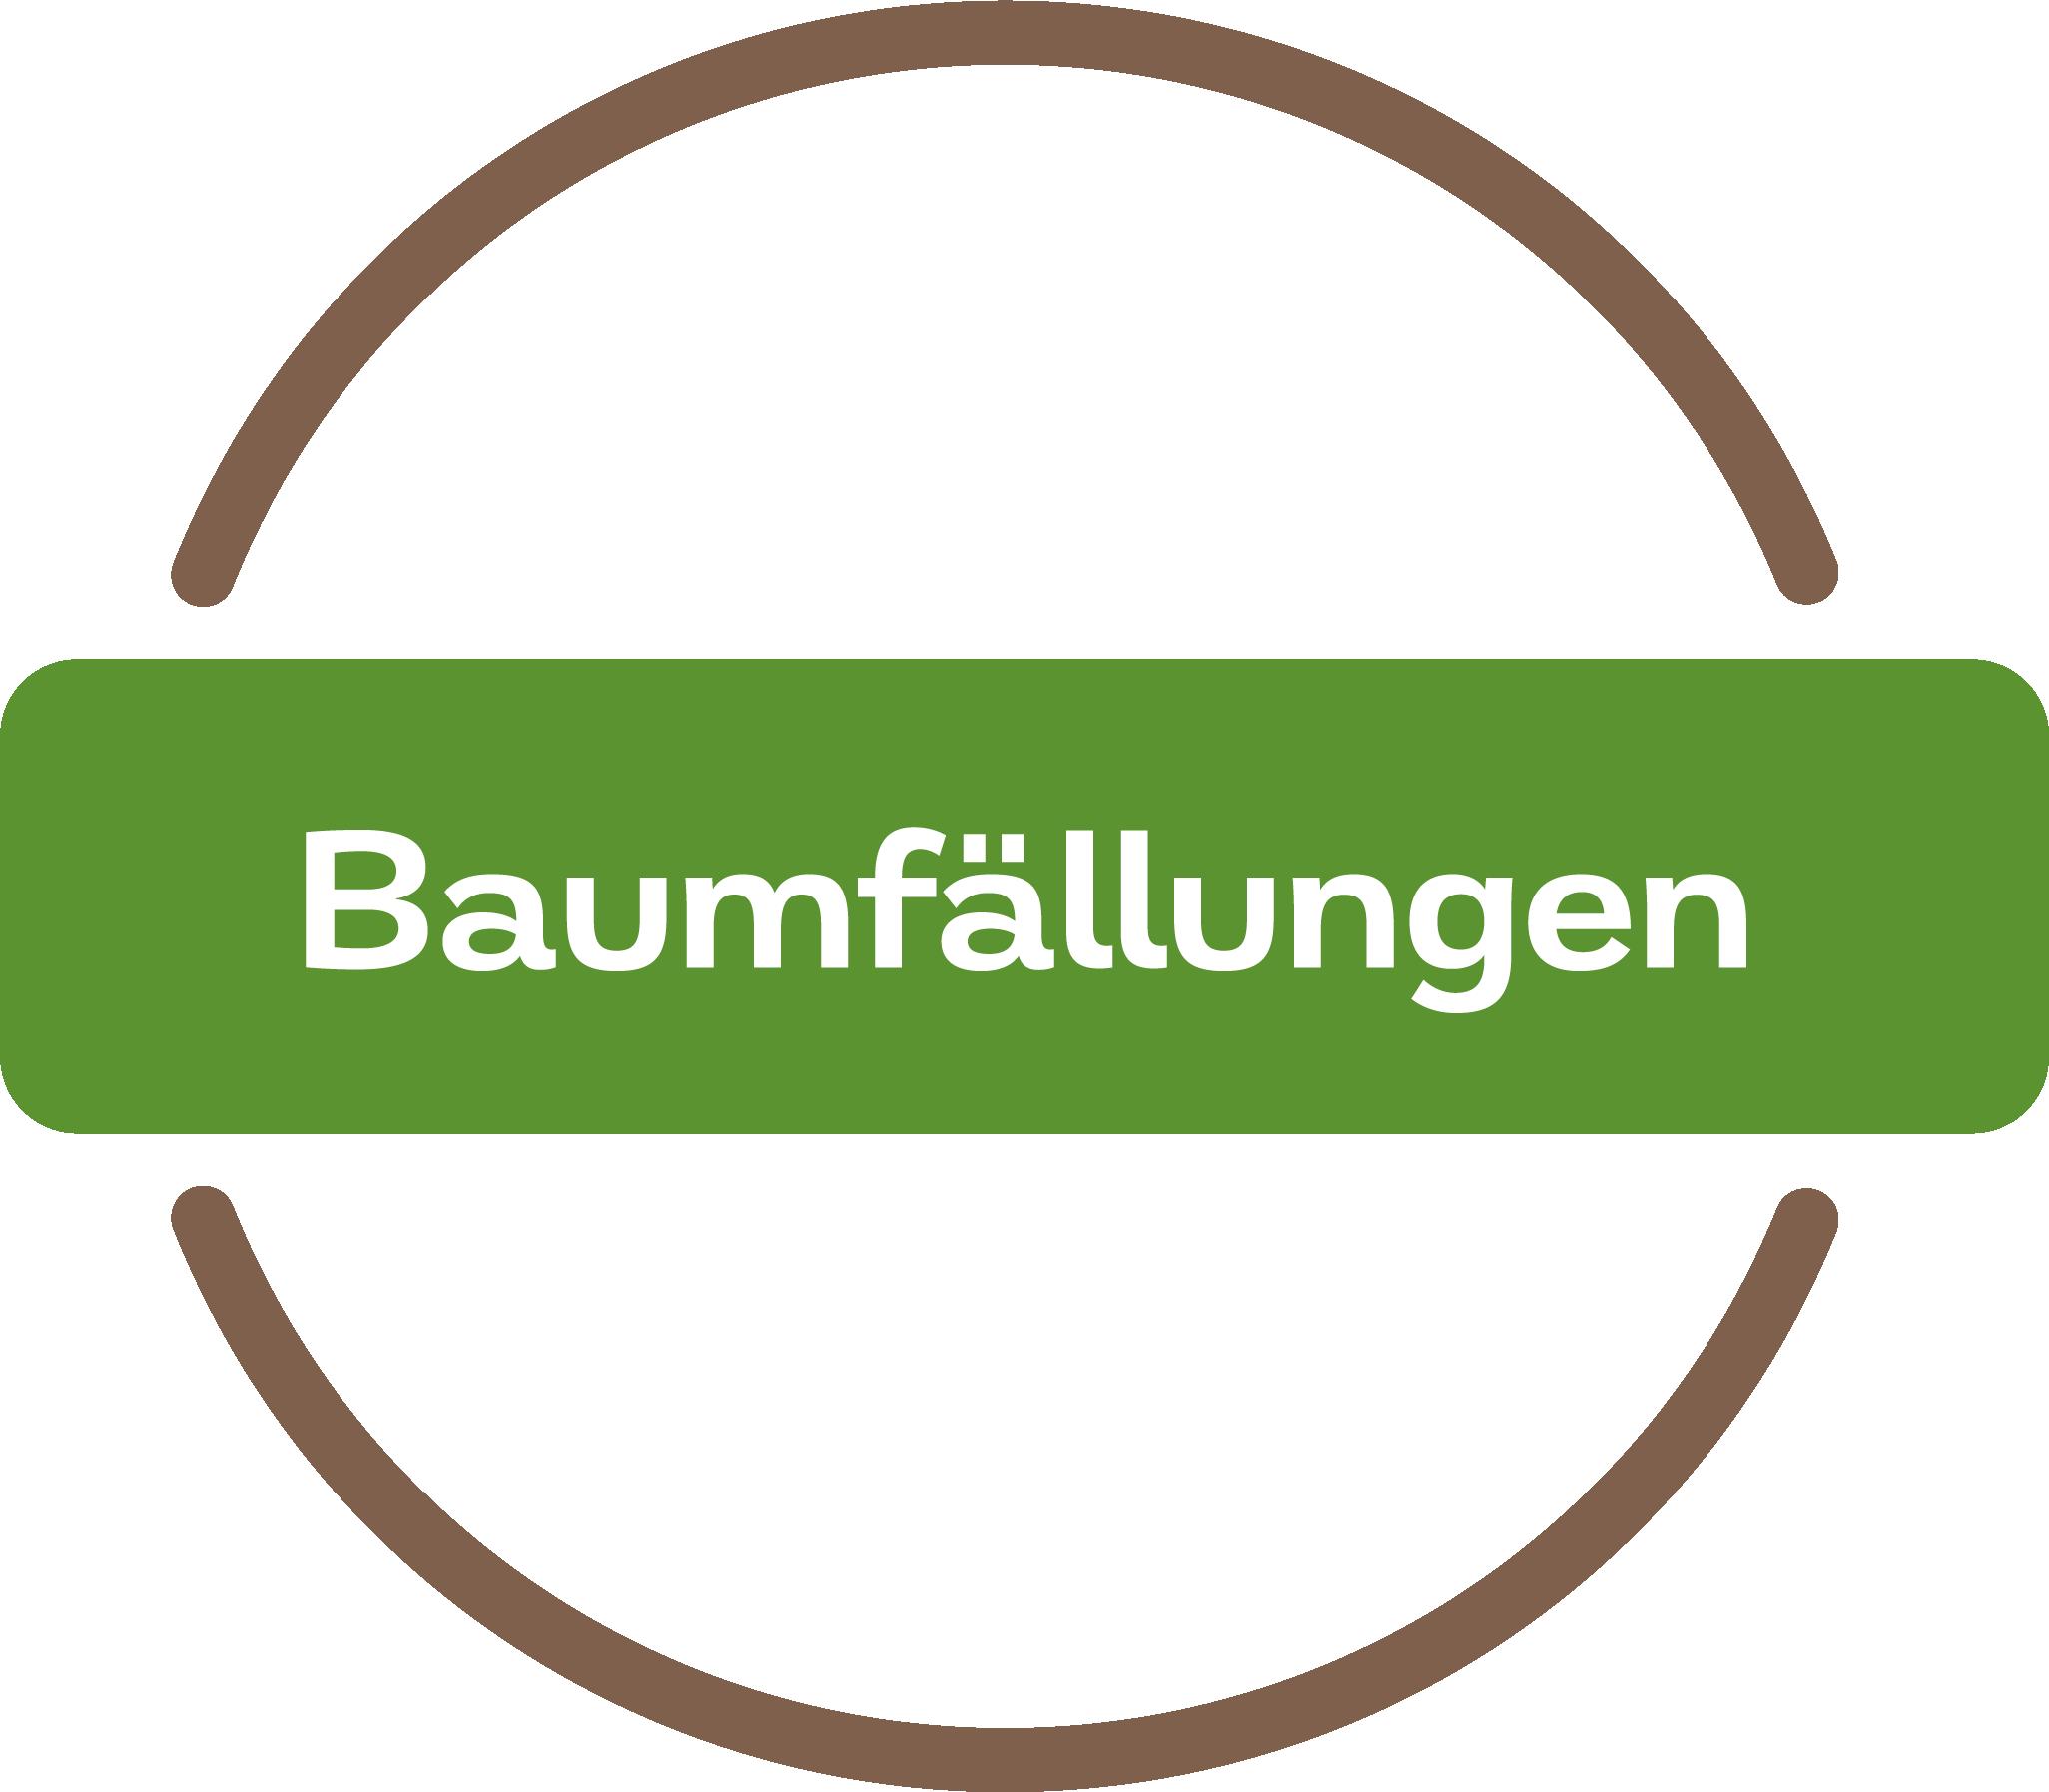 Baumfällungen Dienstleistung